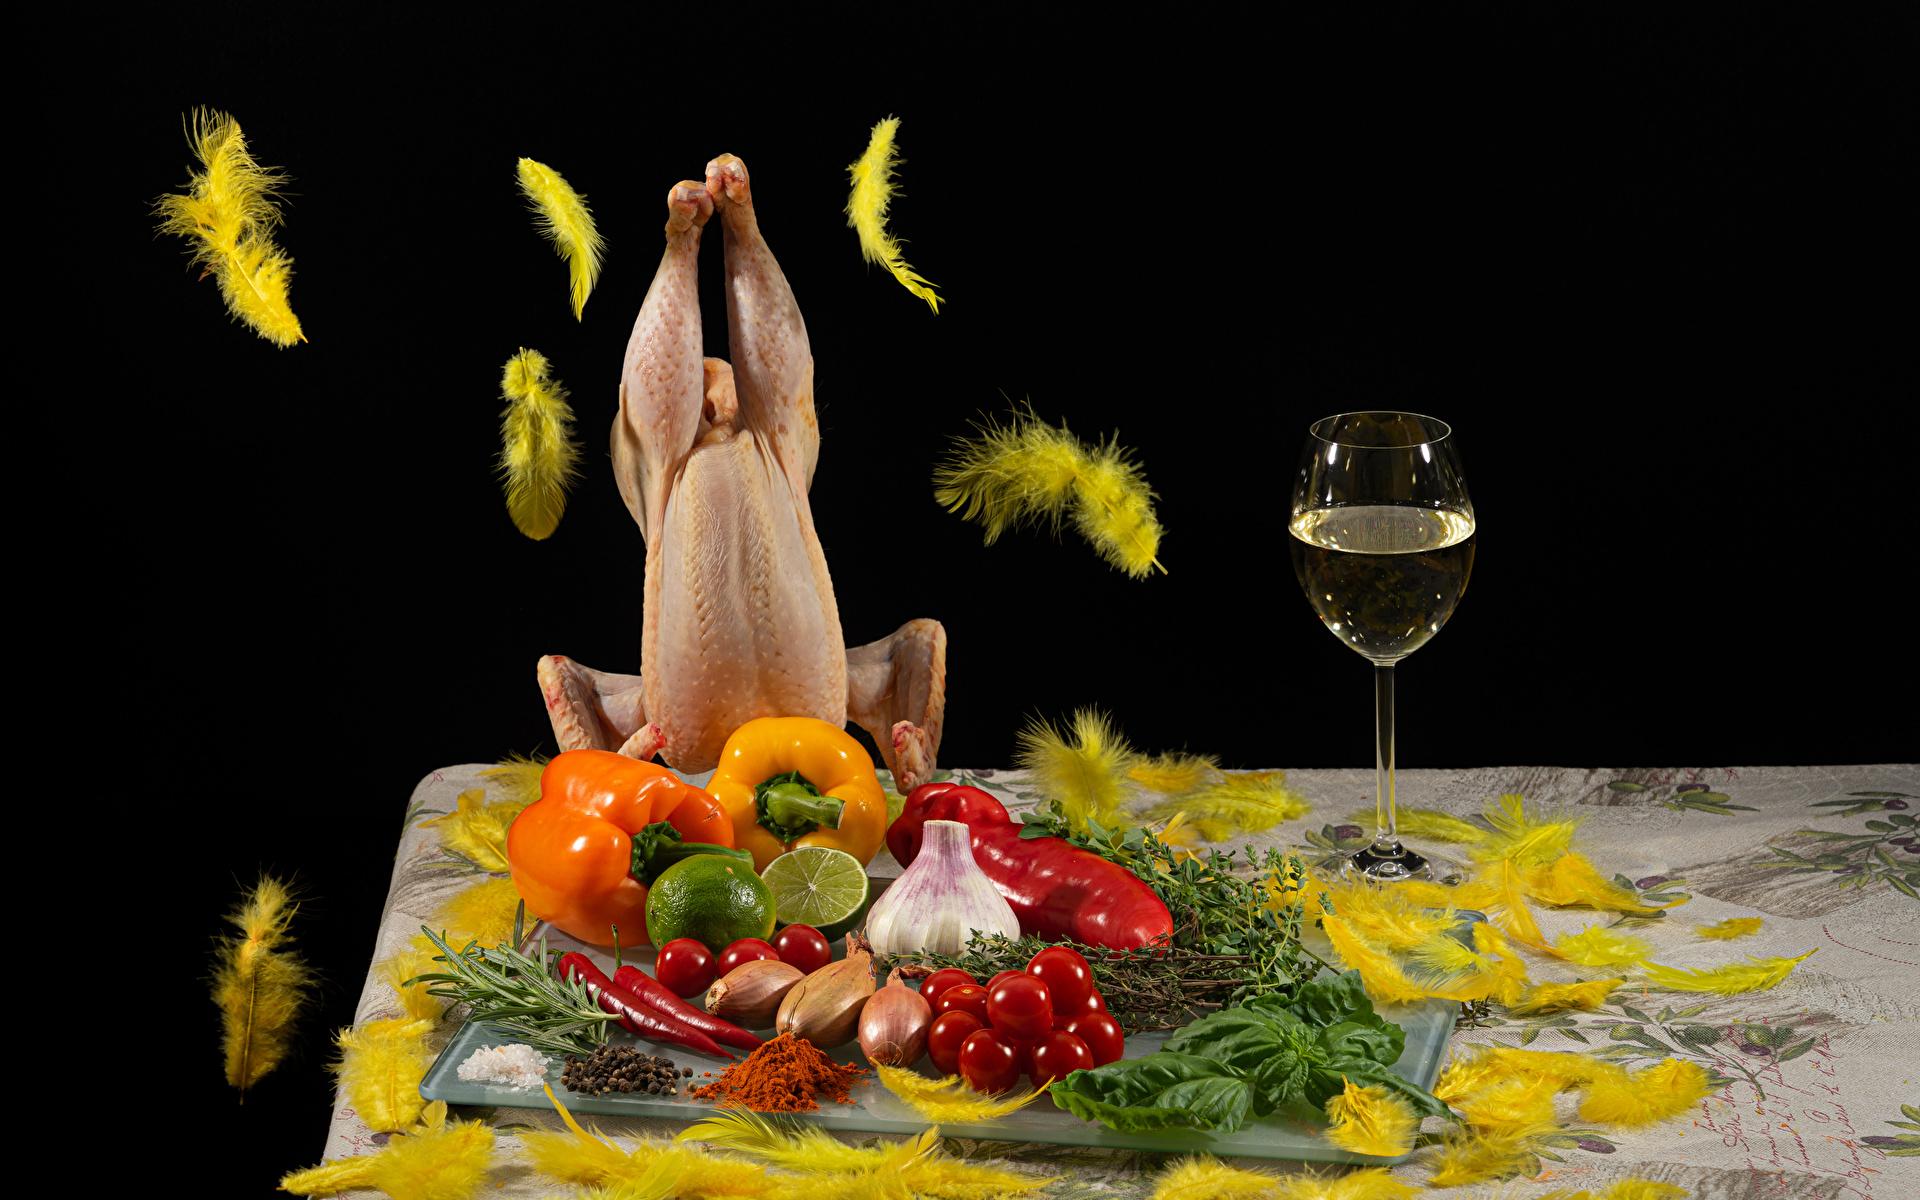 Фотография Вино Лайм Помидоры Курятина Лук репчатый Перья Чеснок Пища Овощи Перец бокал 1920x1200 Томаты Еда Бокалы перец овощной Продукты питания